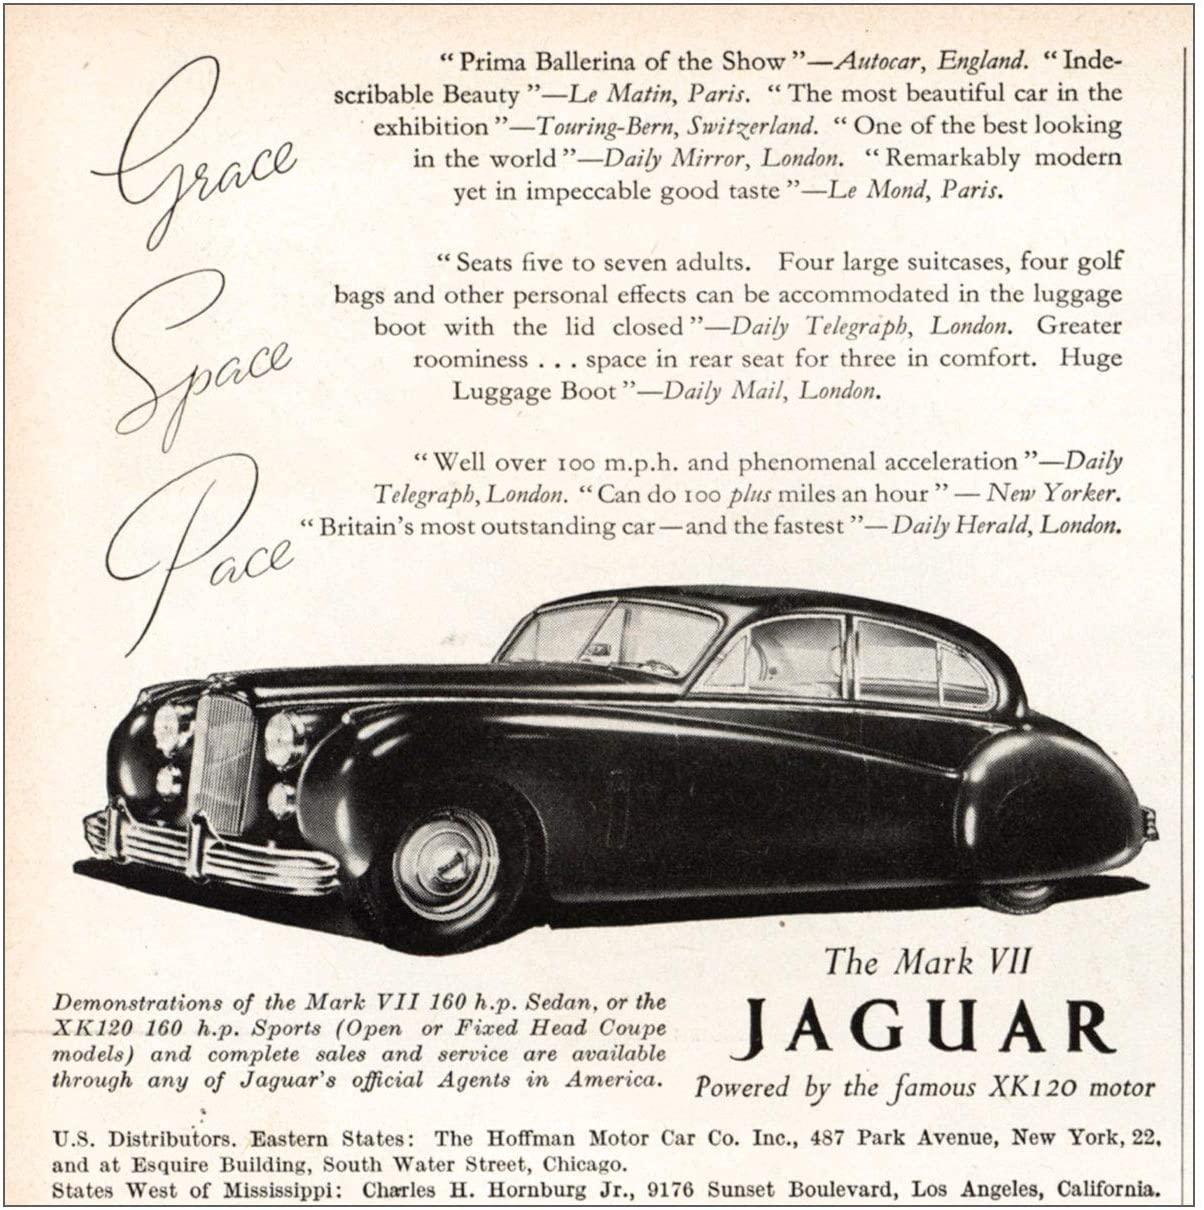 RelicPaper 1951 Mark VII Jaguar: Grace Space Pace, Jaguar Print Ad